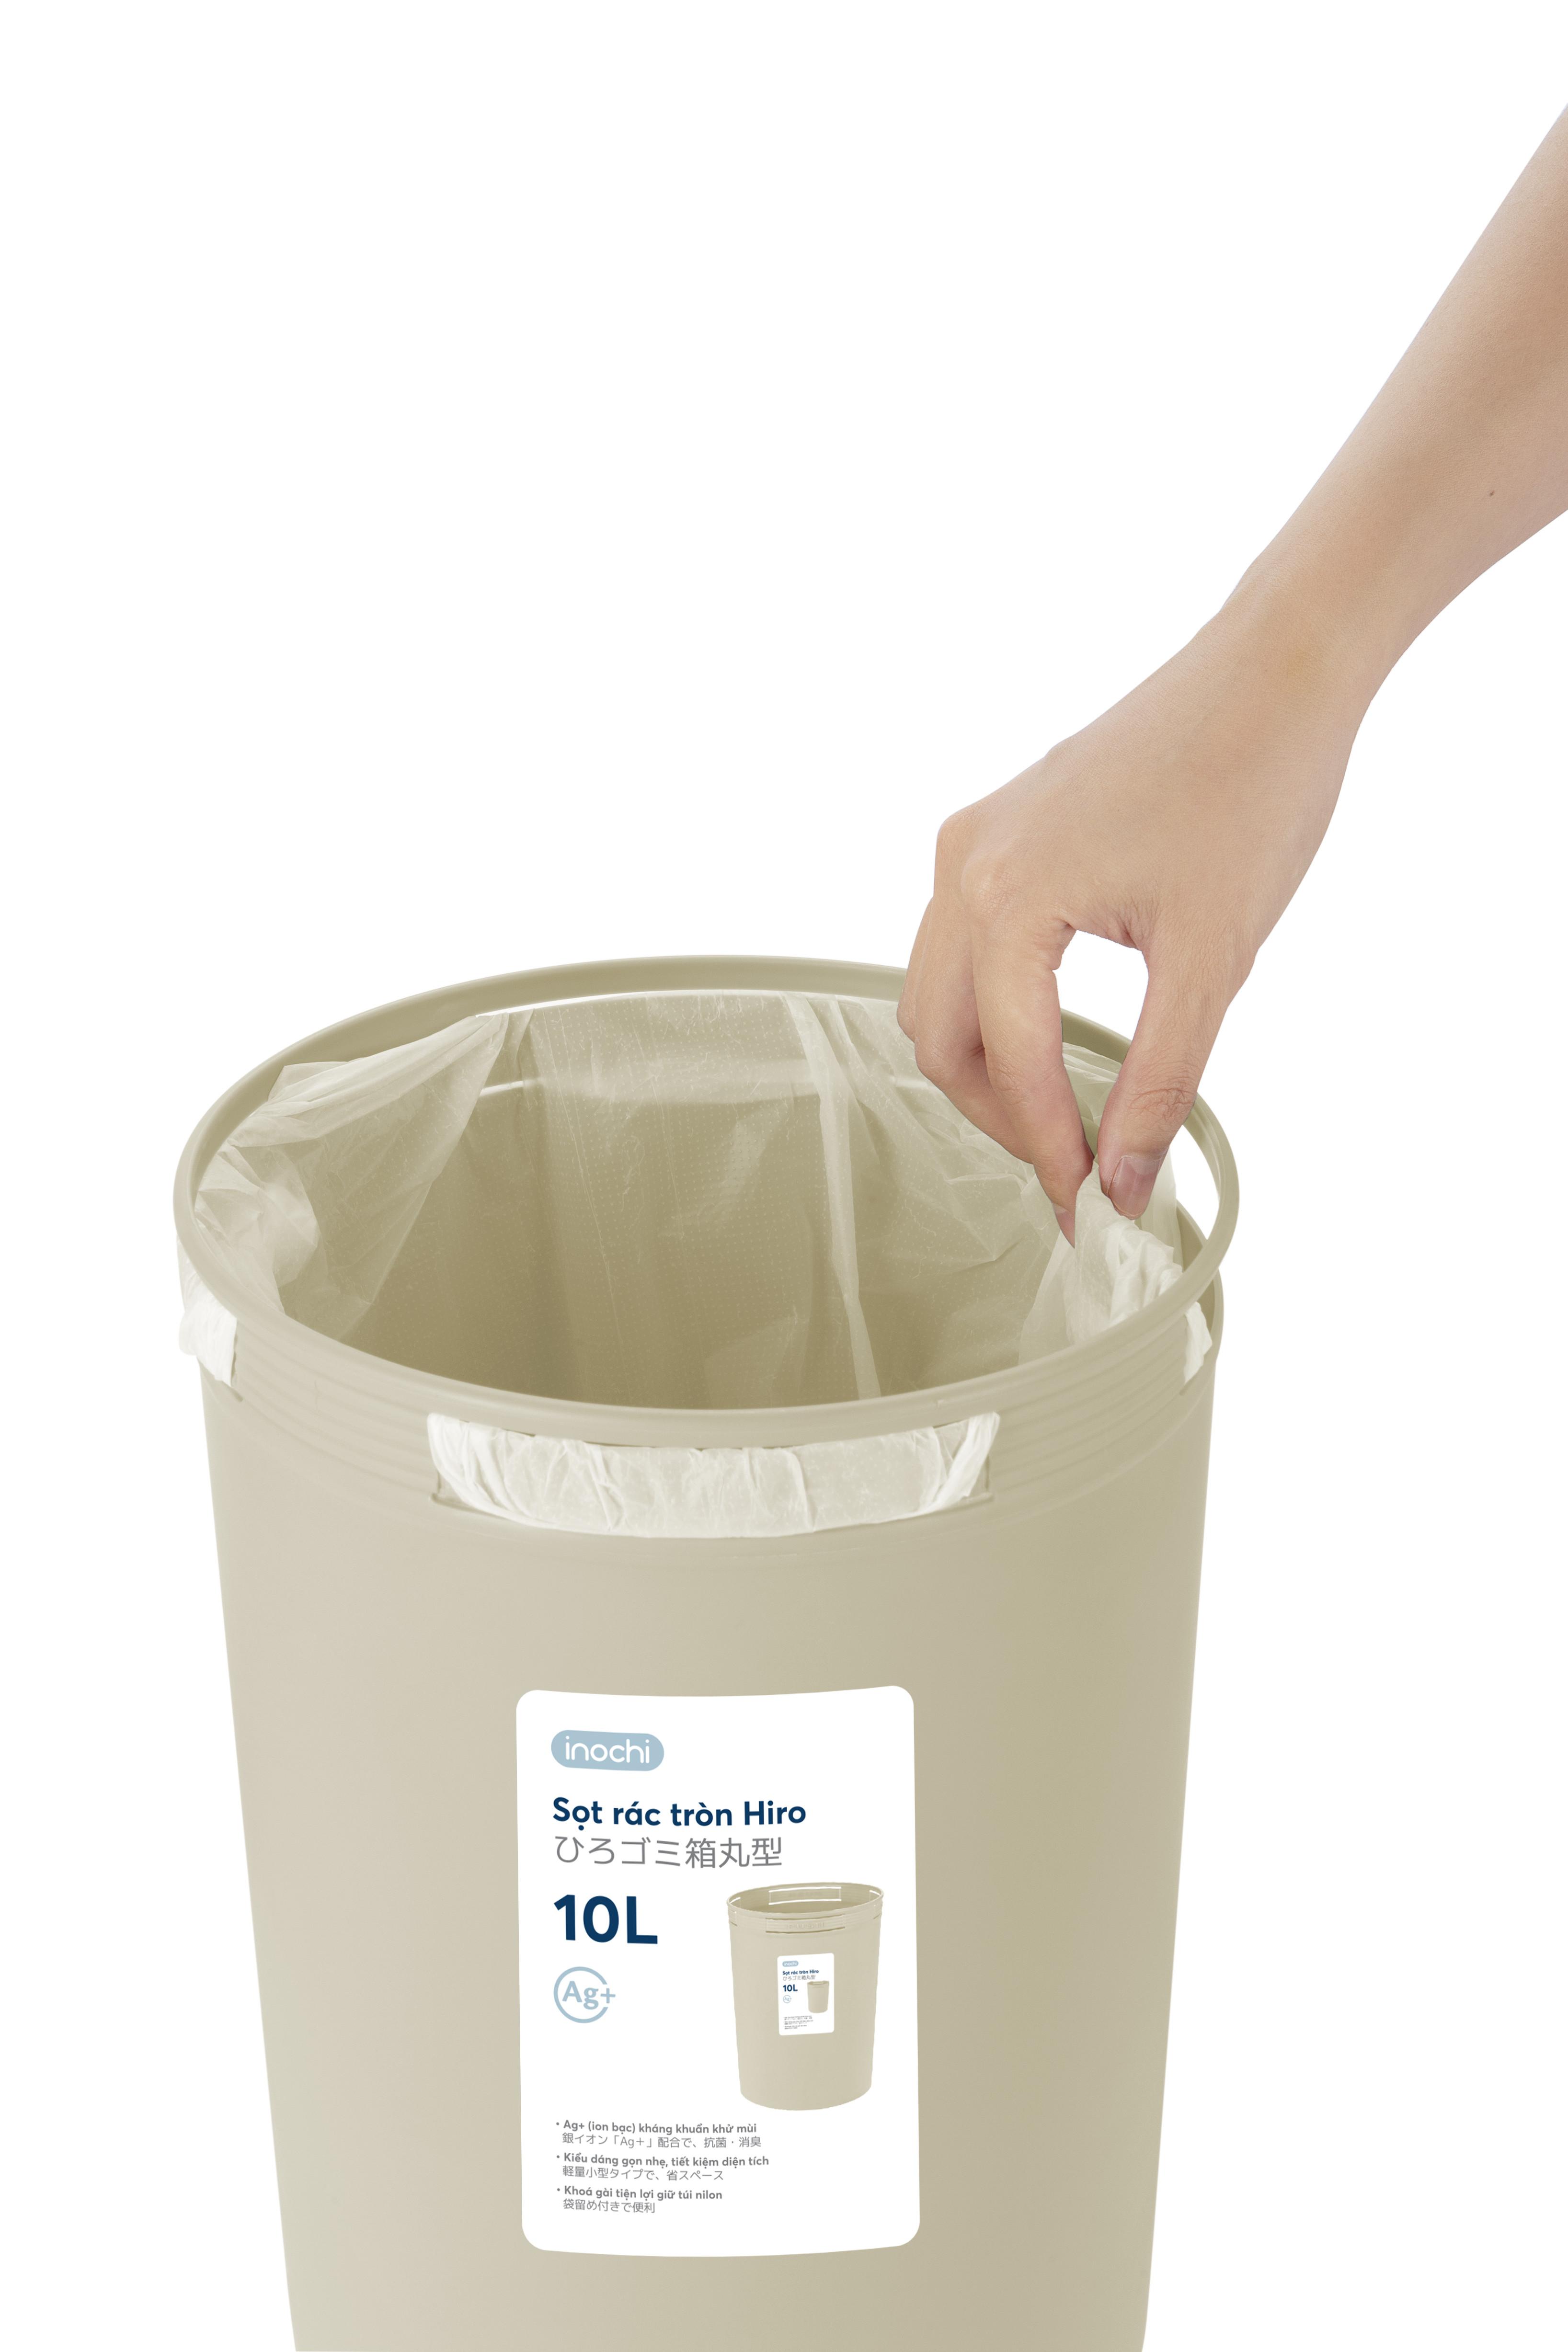 Sọt rác tròn Hiro 10L không nắp